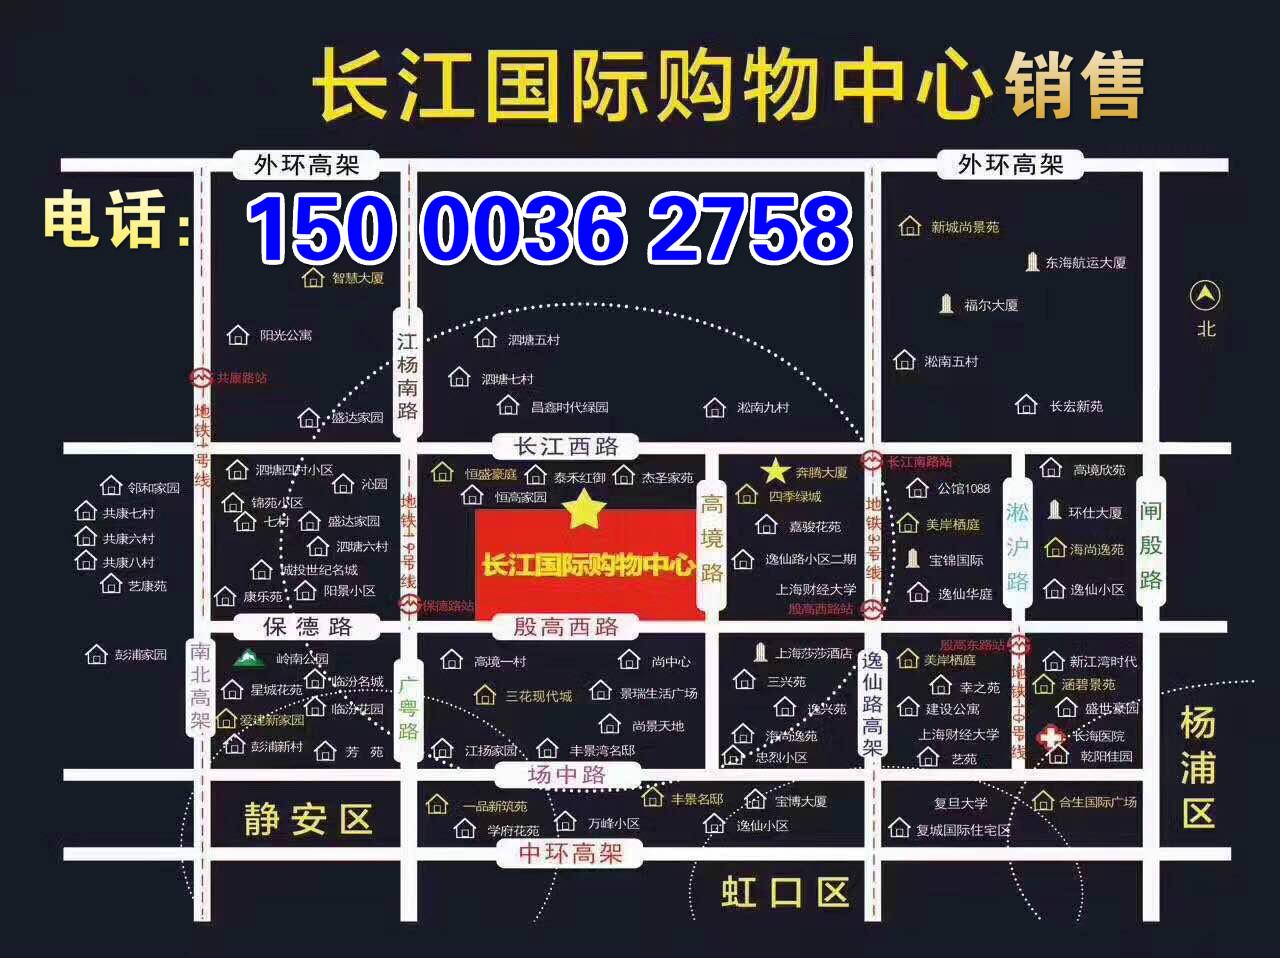 上海《宝山长江国际中心》买的人多吗?长江国际商铺增值大吗?